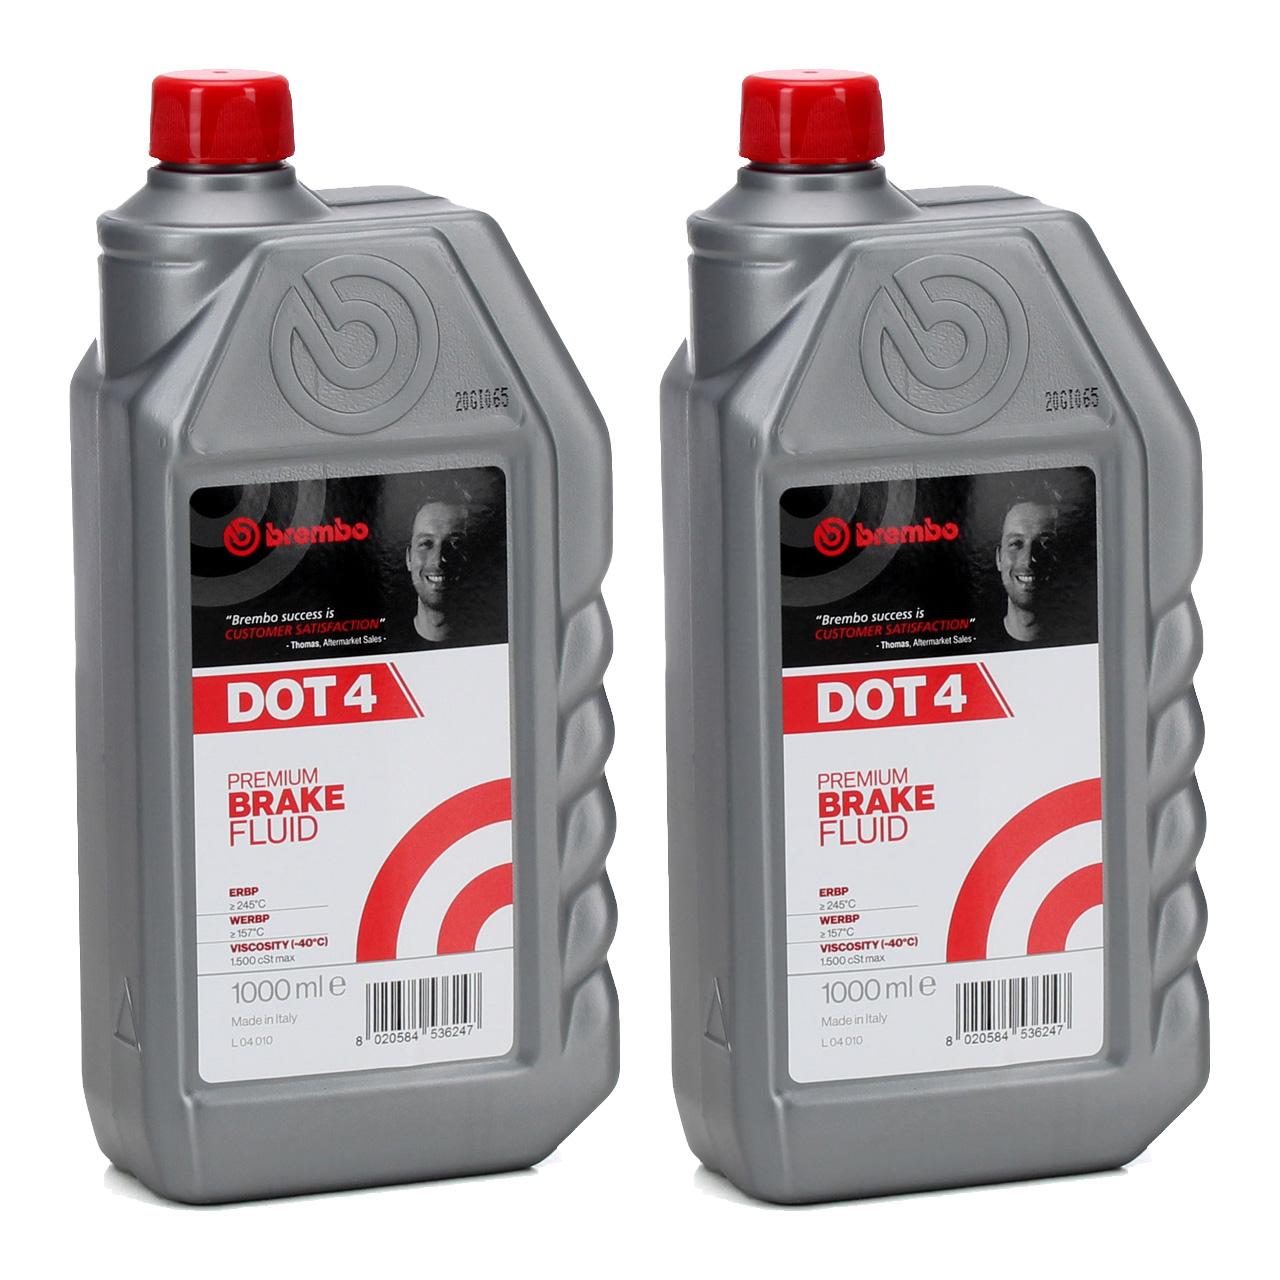 BREMBO Bremsflüssigkeit L04010 DOT 4 Premium Brake Fluid 2 L 2 Liter